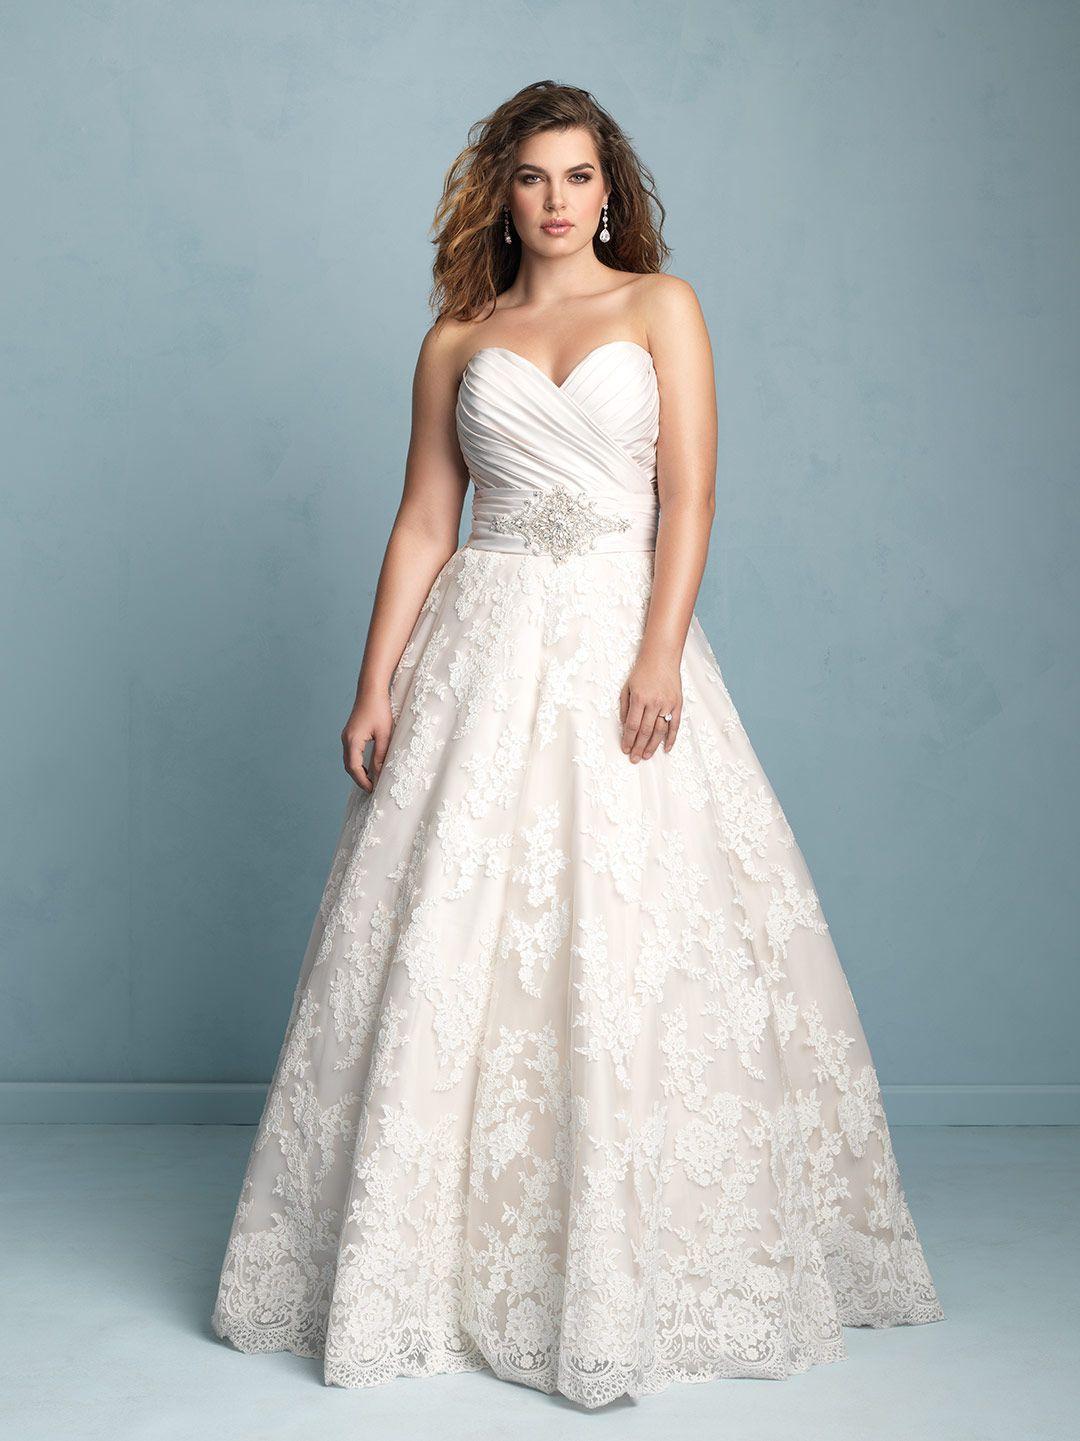 20 Amazing Plus Size Wedding Dresses | Dresses ireland, Wedding ...